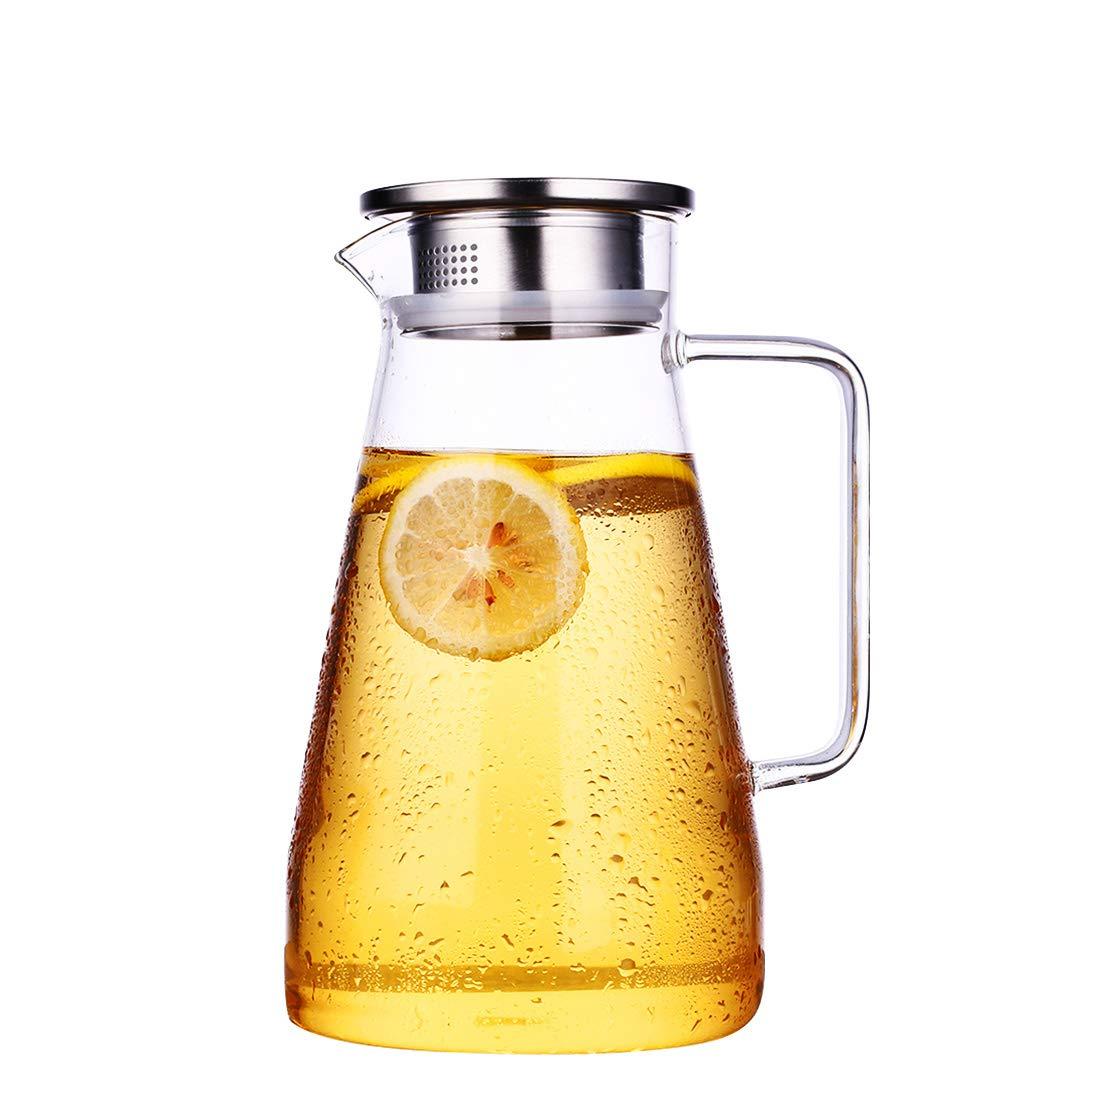 HOLD U FUN 1.8L/63oz Glass Water Carafe Pitcher